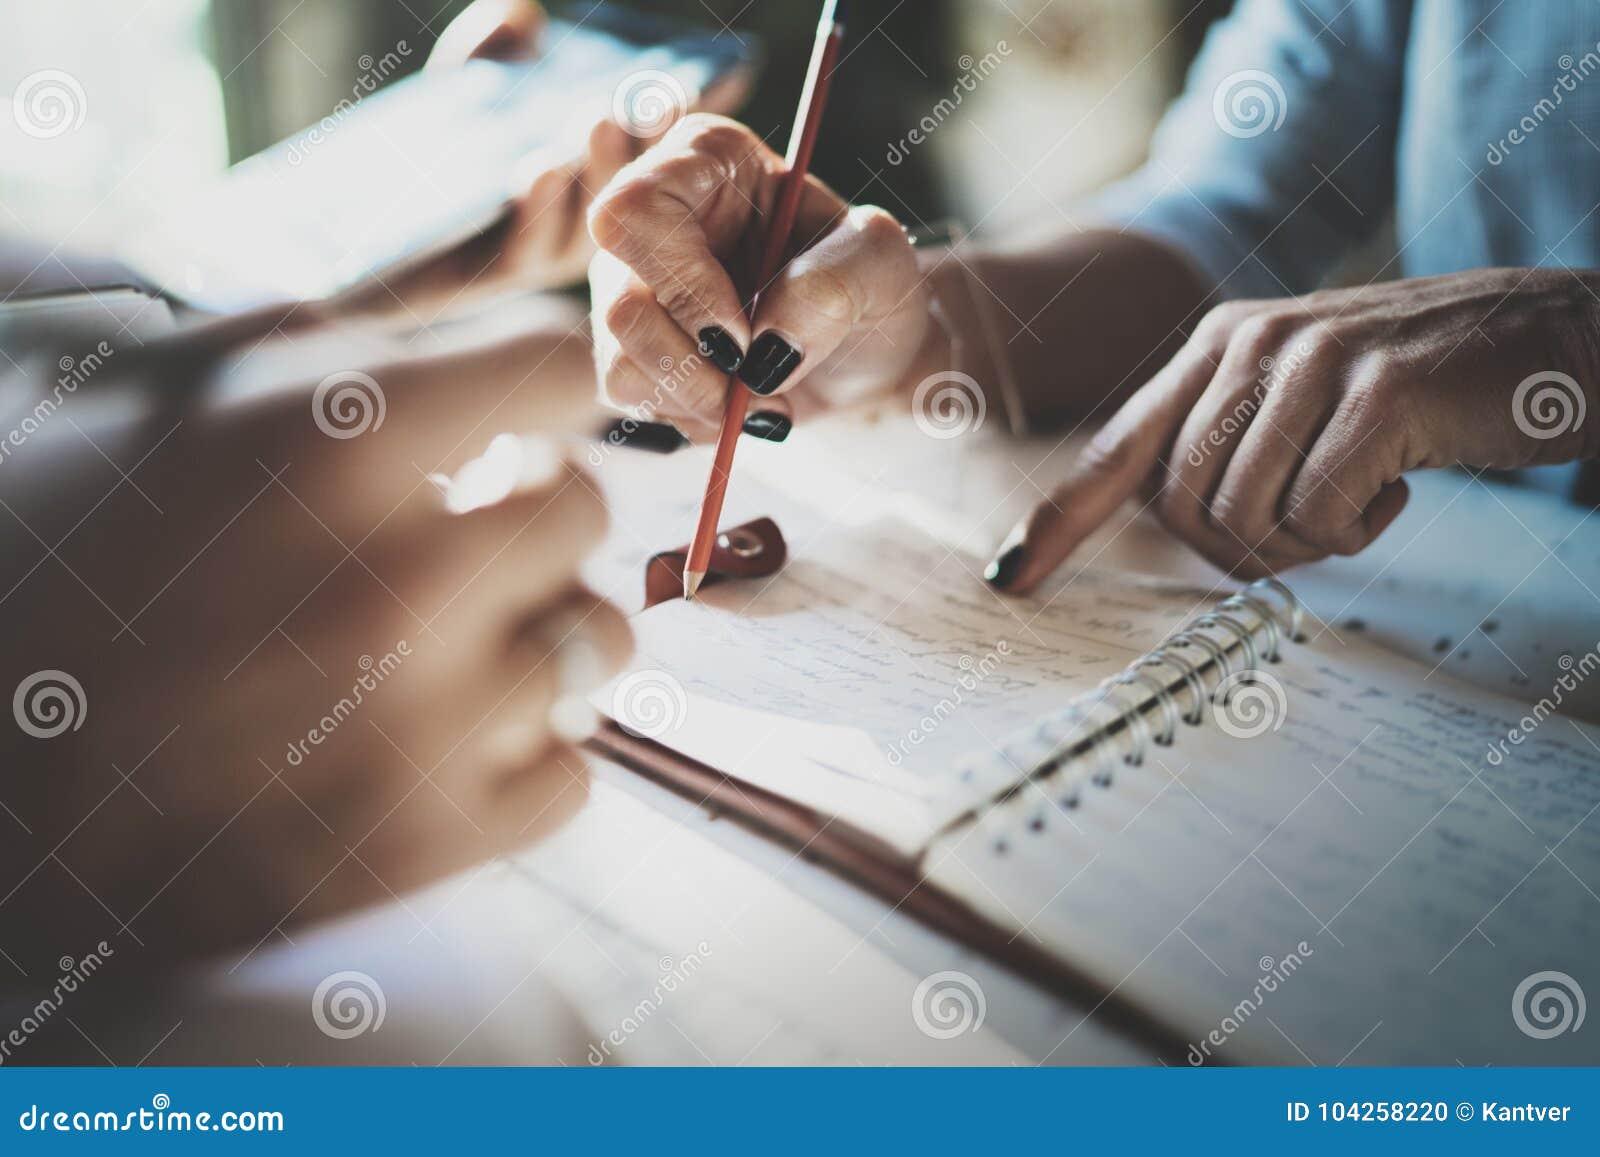 Mooie jonge vrouw en haar partner die iets in notastootkussen schrijven terwijl het zitten op leunstoel bij woonkamer charming